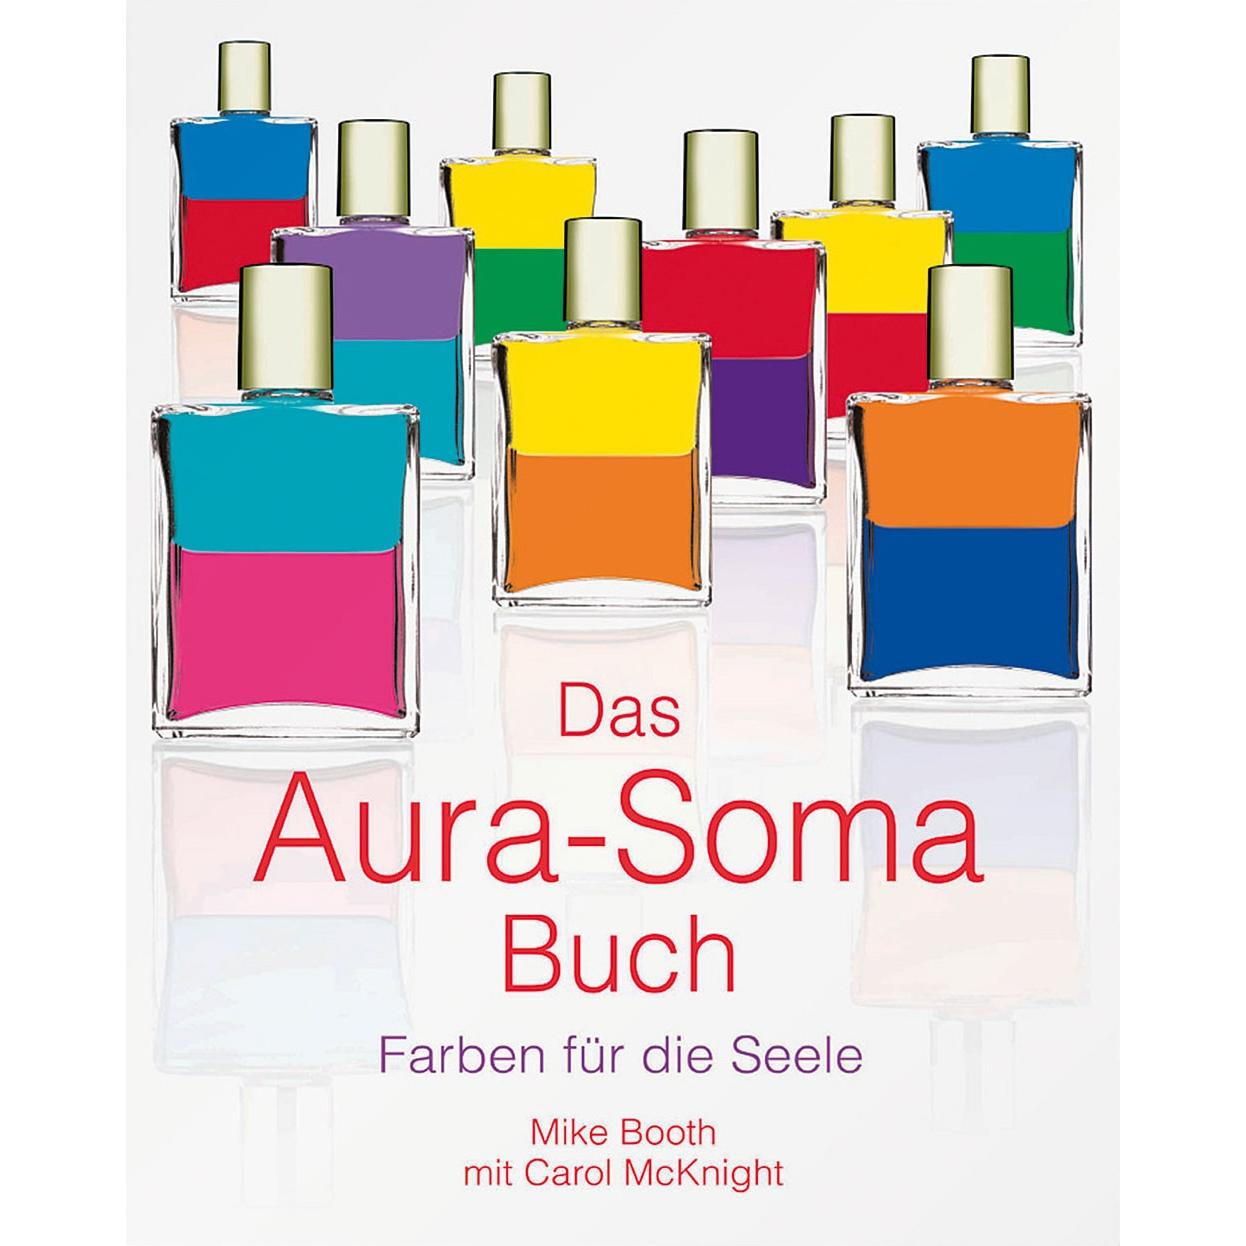 Aura-Soma Das Aura-Soma Buch - Farben für die Seele | AuraSomashop.de